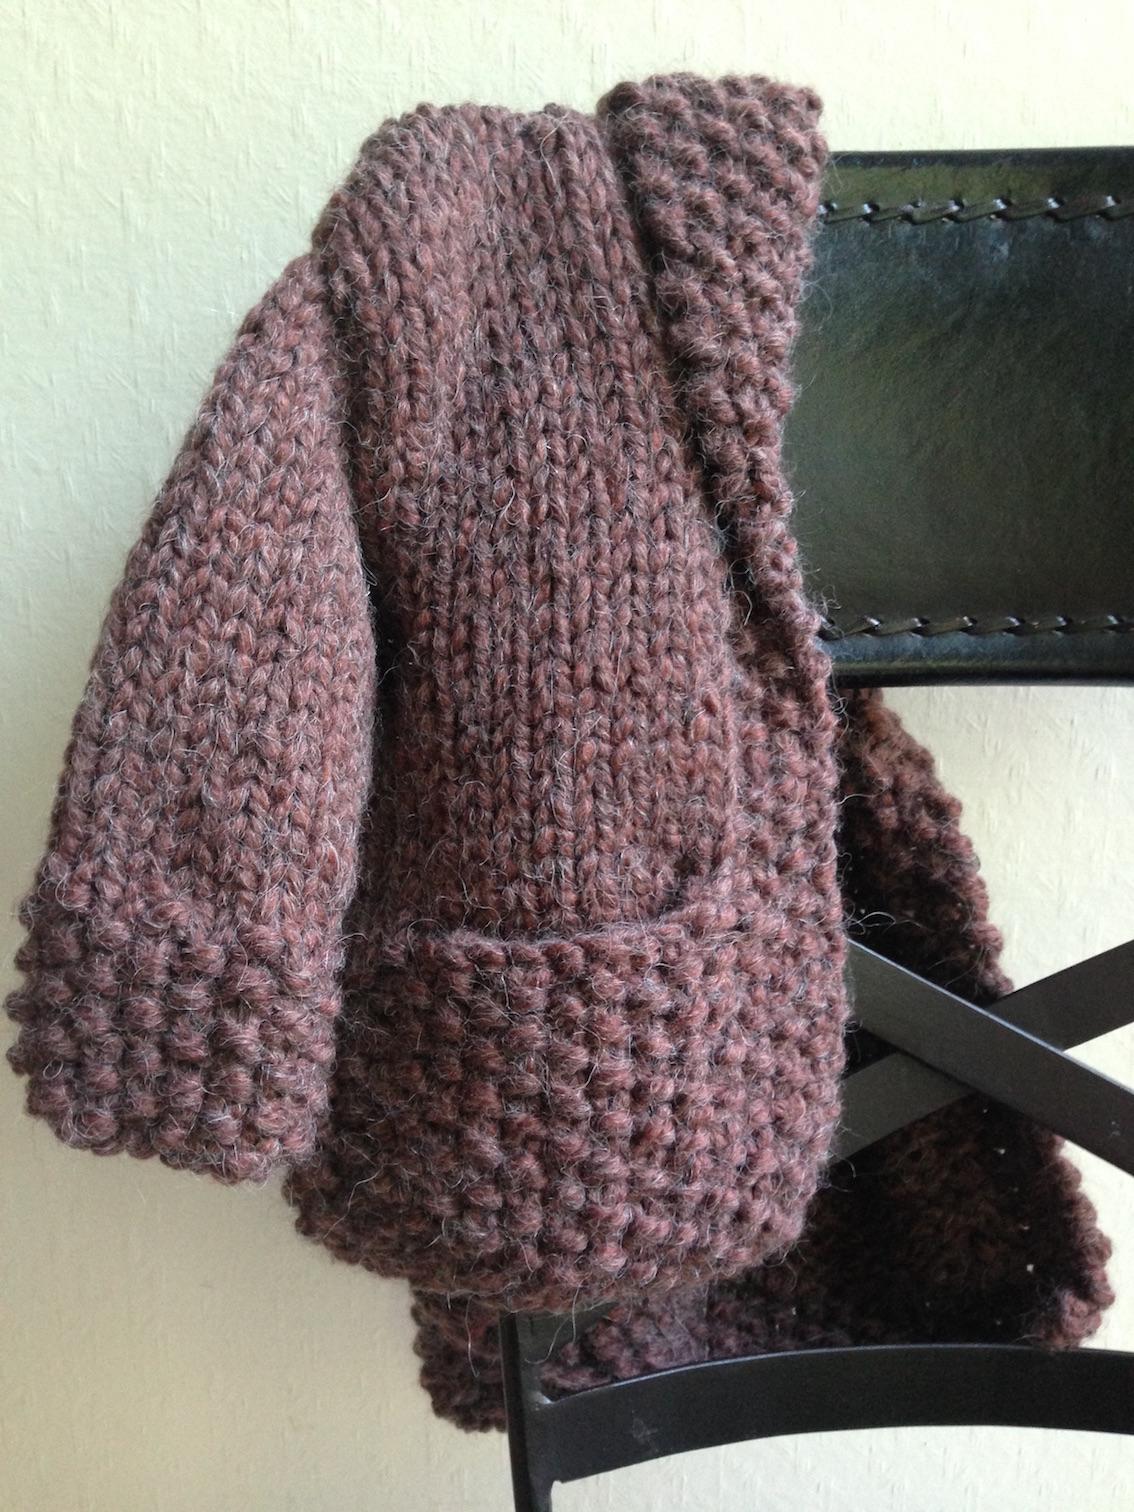 À Cachemire Cachemire À Tricoter Etc Etc Tricoter À Tricoter Kit Kit Kit xodthrBsQC